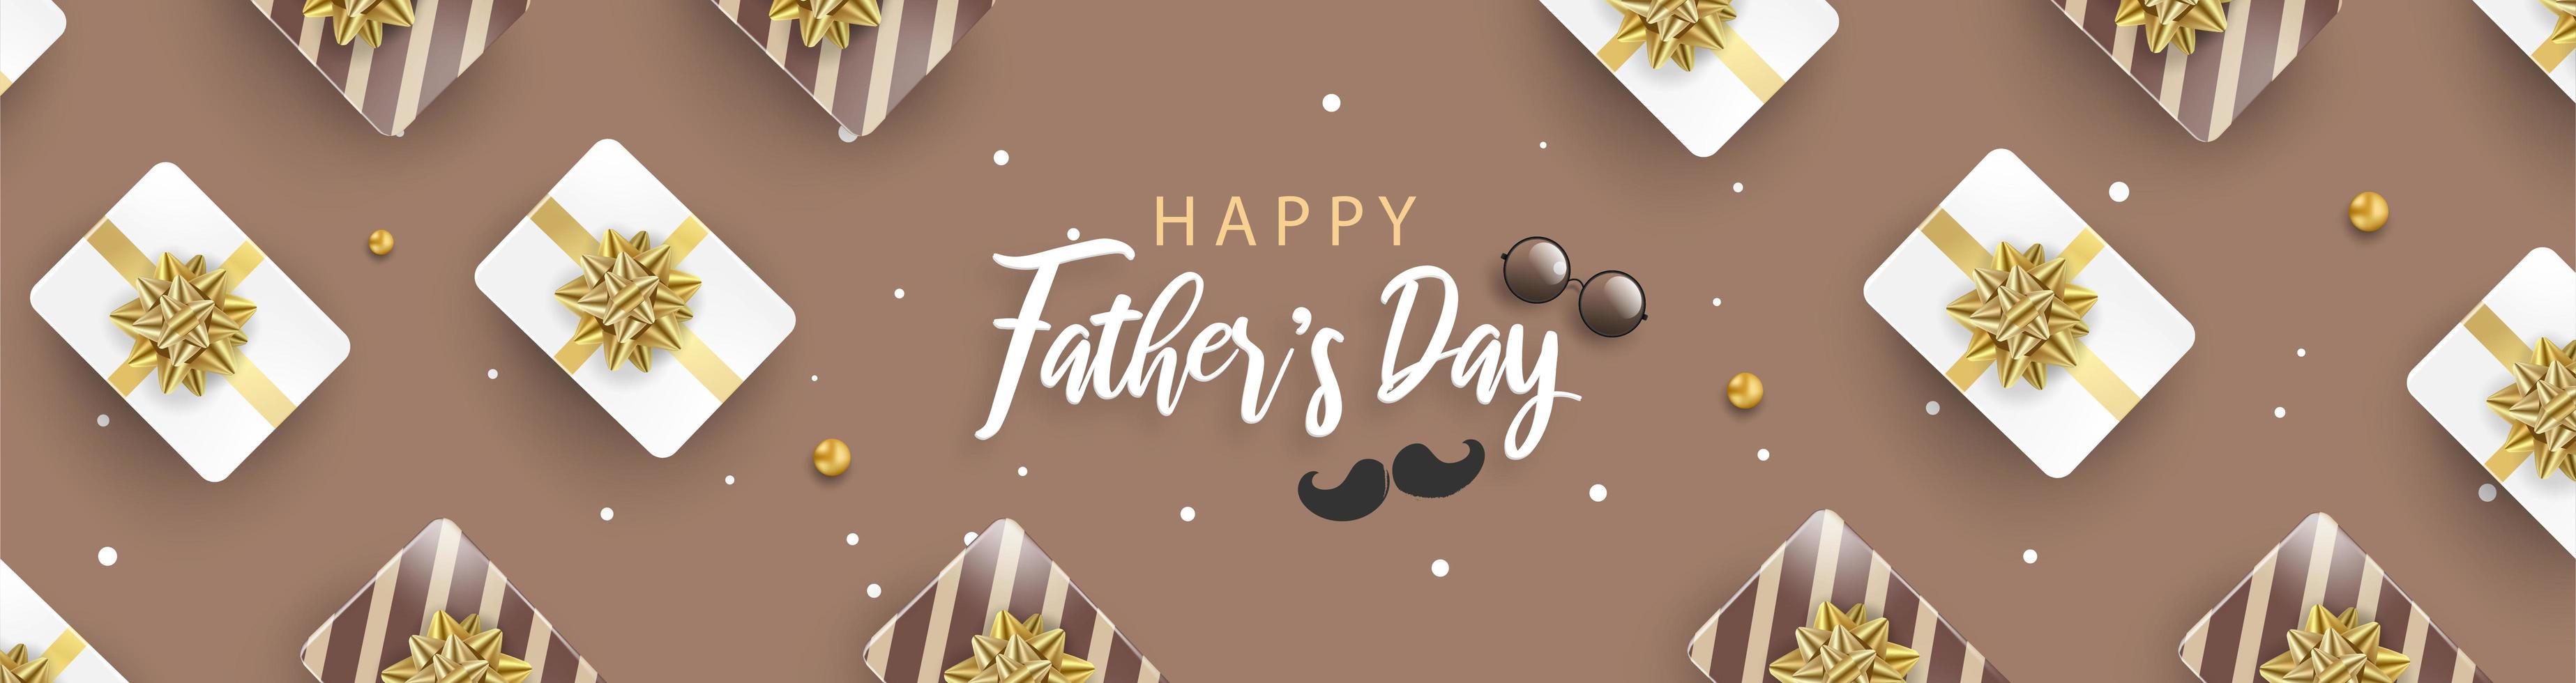 affiche de la fête des pères heureux bannière brune vecteur